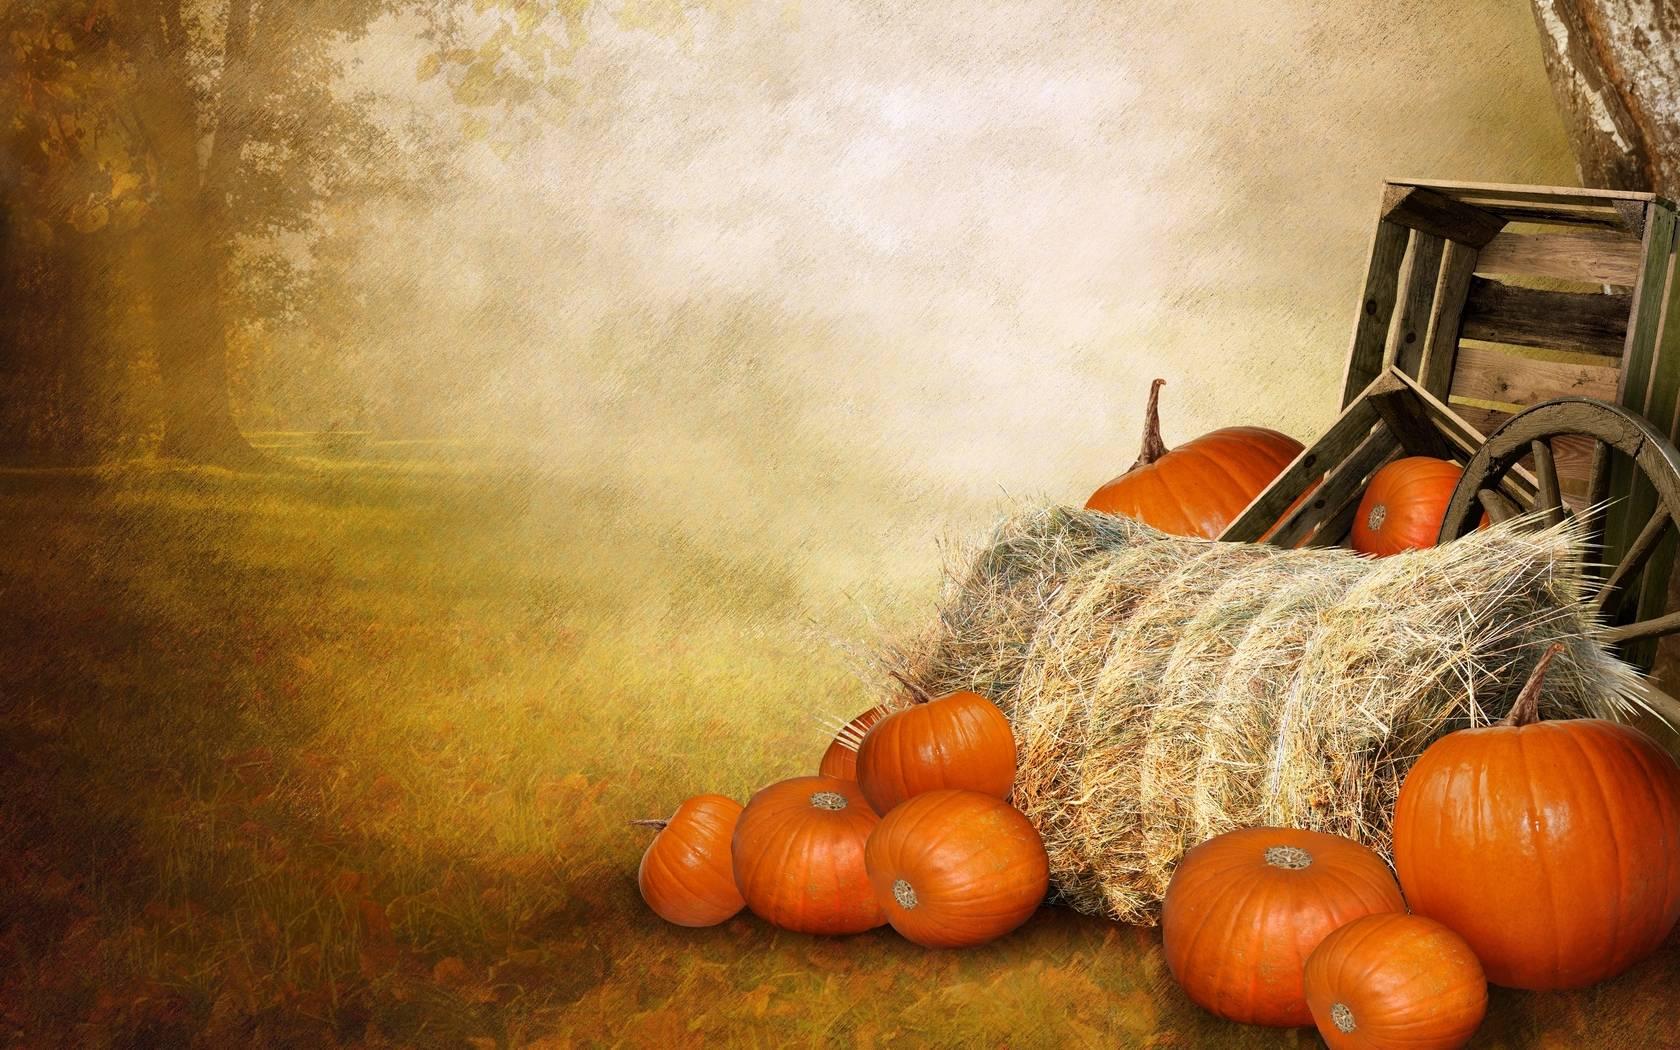 Pumpkin Wallpapers 1680x1050